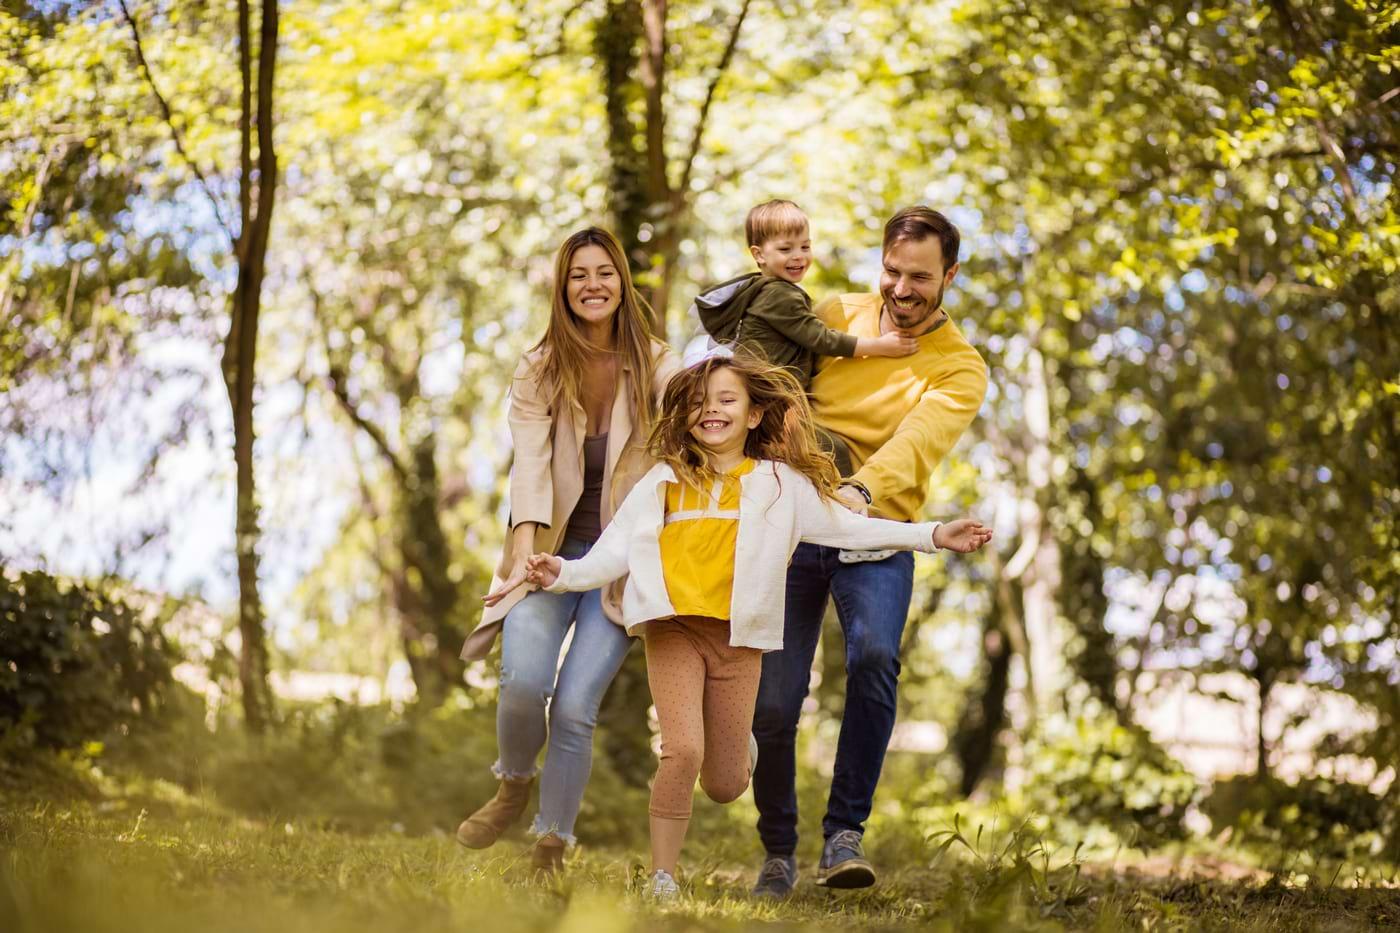 De ce este important să petreci timp cu familia